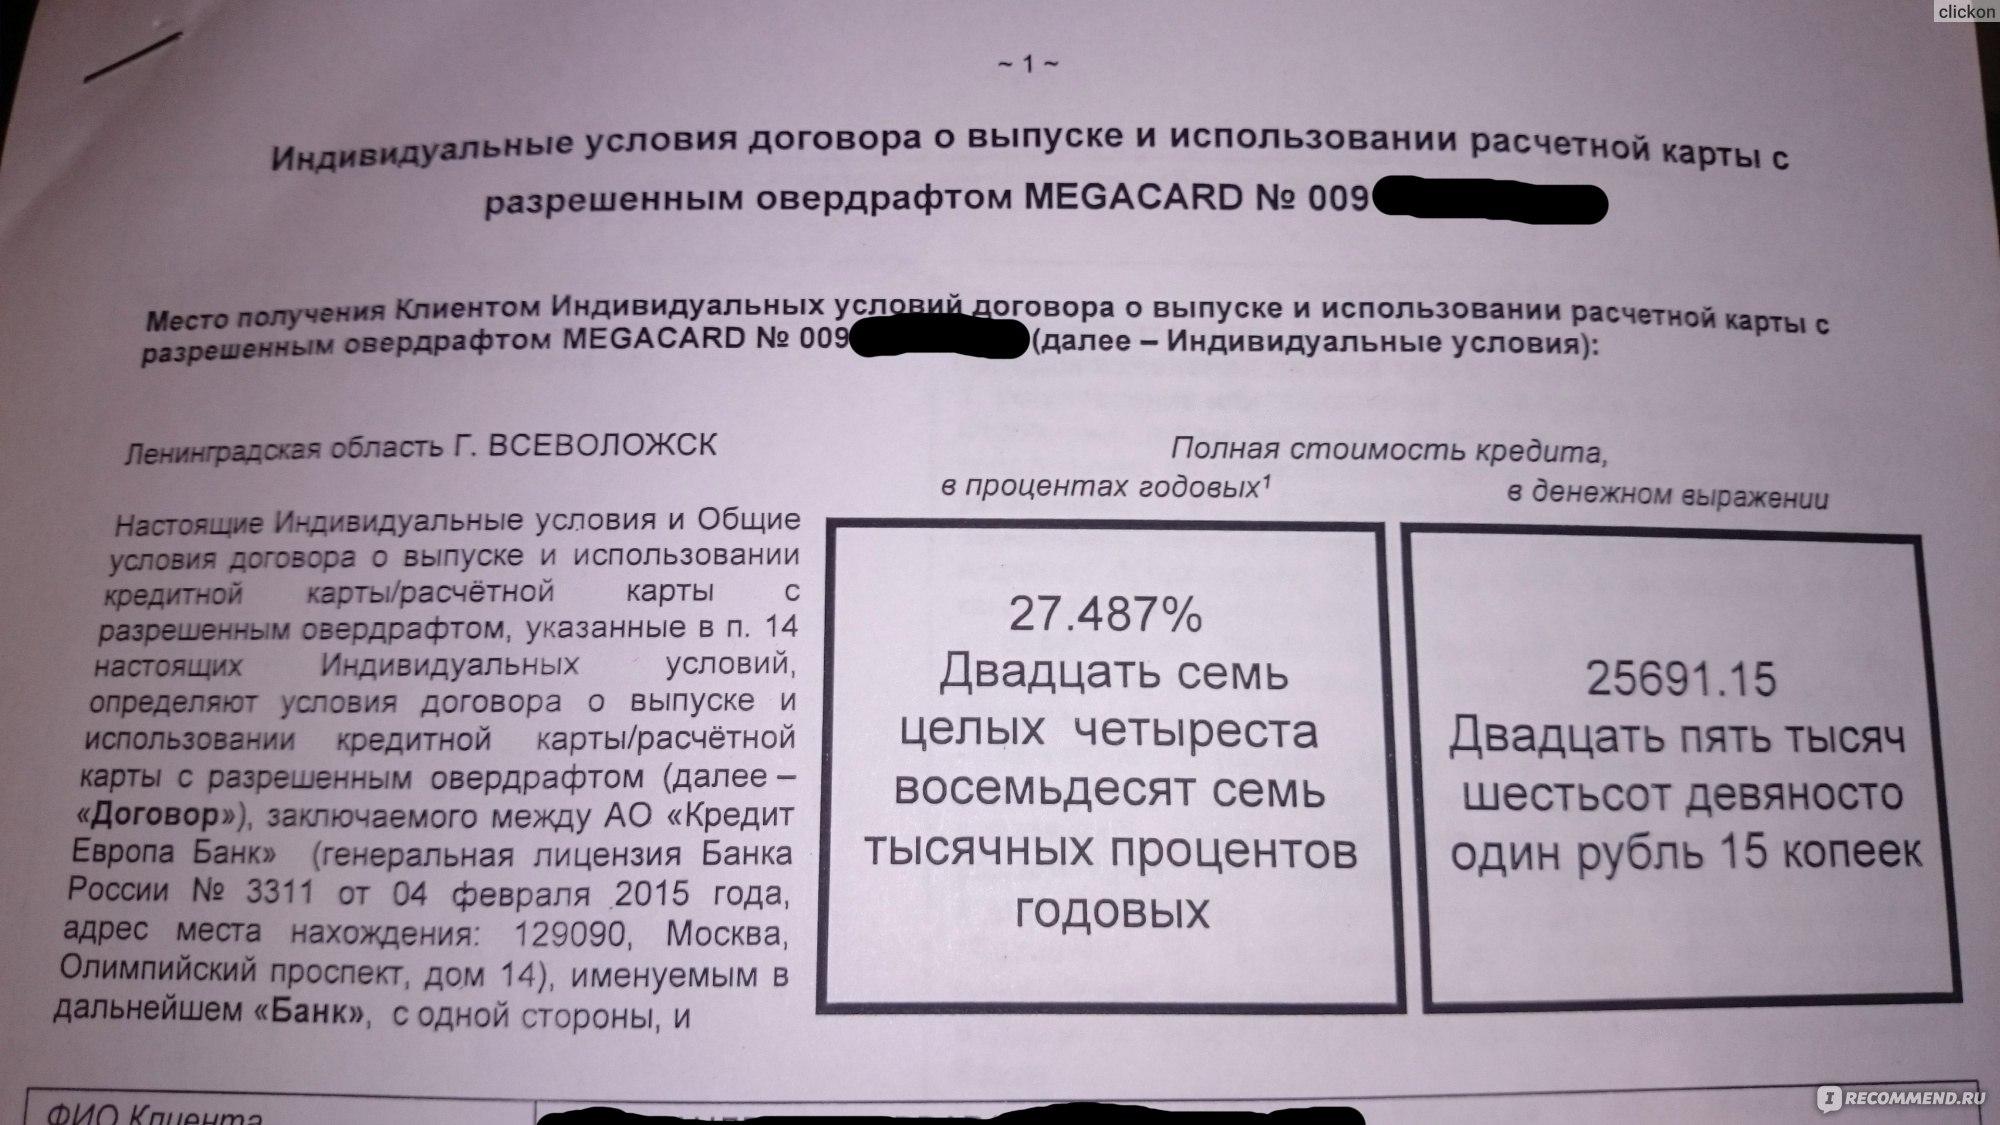 хоум кредит банк телефон горячей линии бесплатный круглосуточно омск